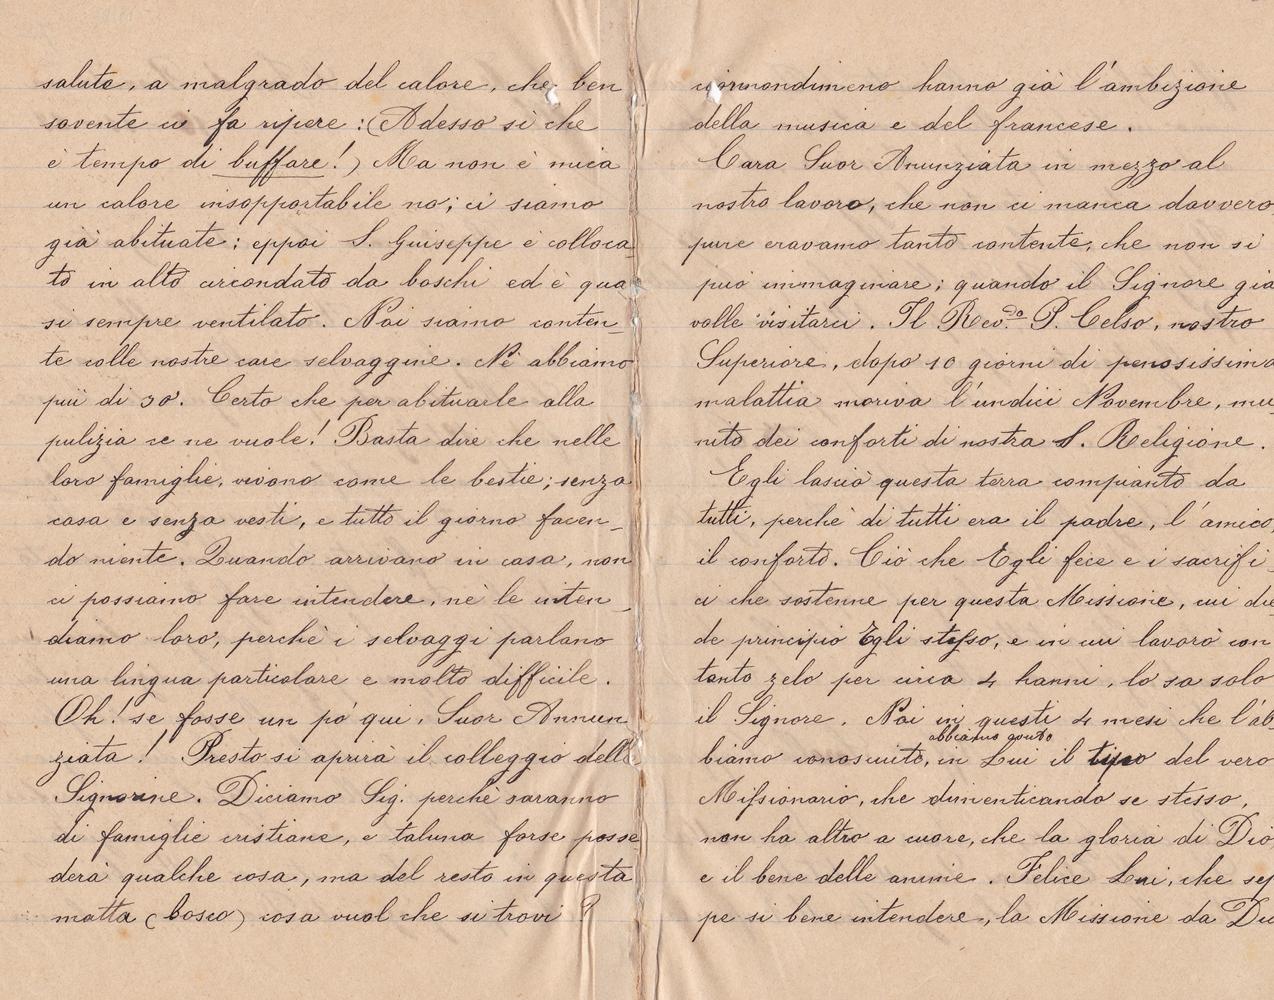 Lettera del gruppo delle missionarie 15.11.1899 verso